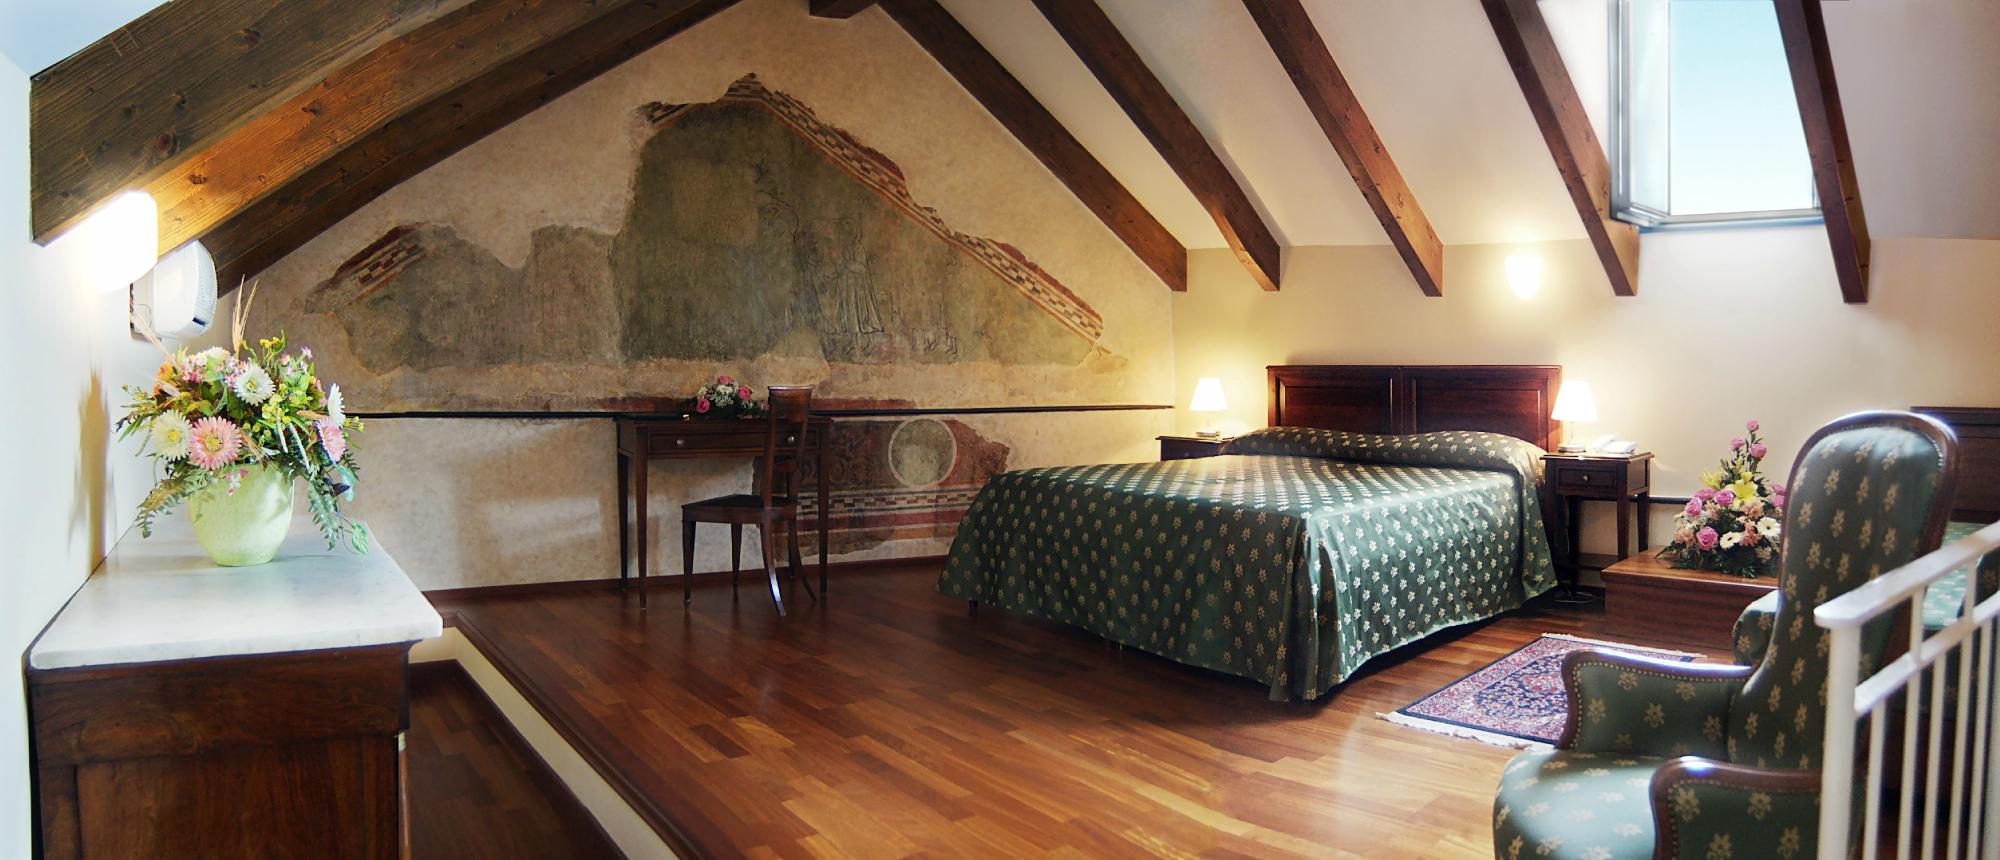 ホテル パラッツォ ヴェスコヴィーレ